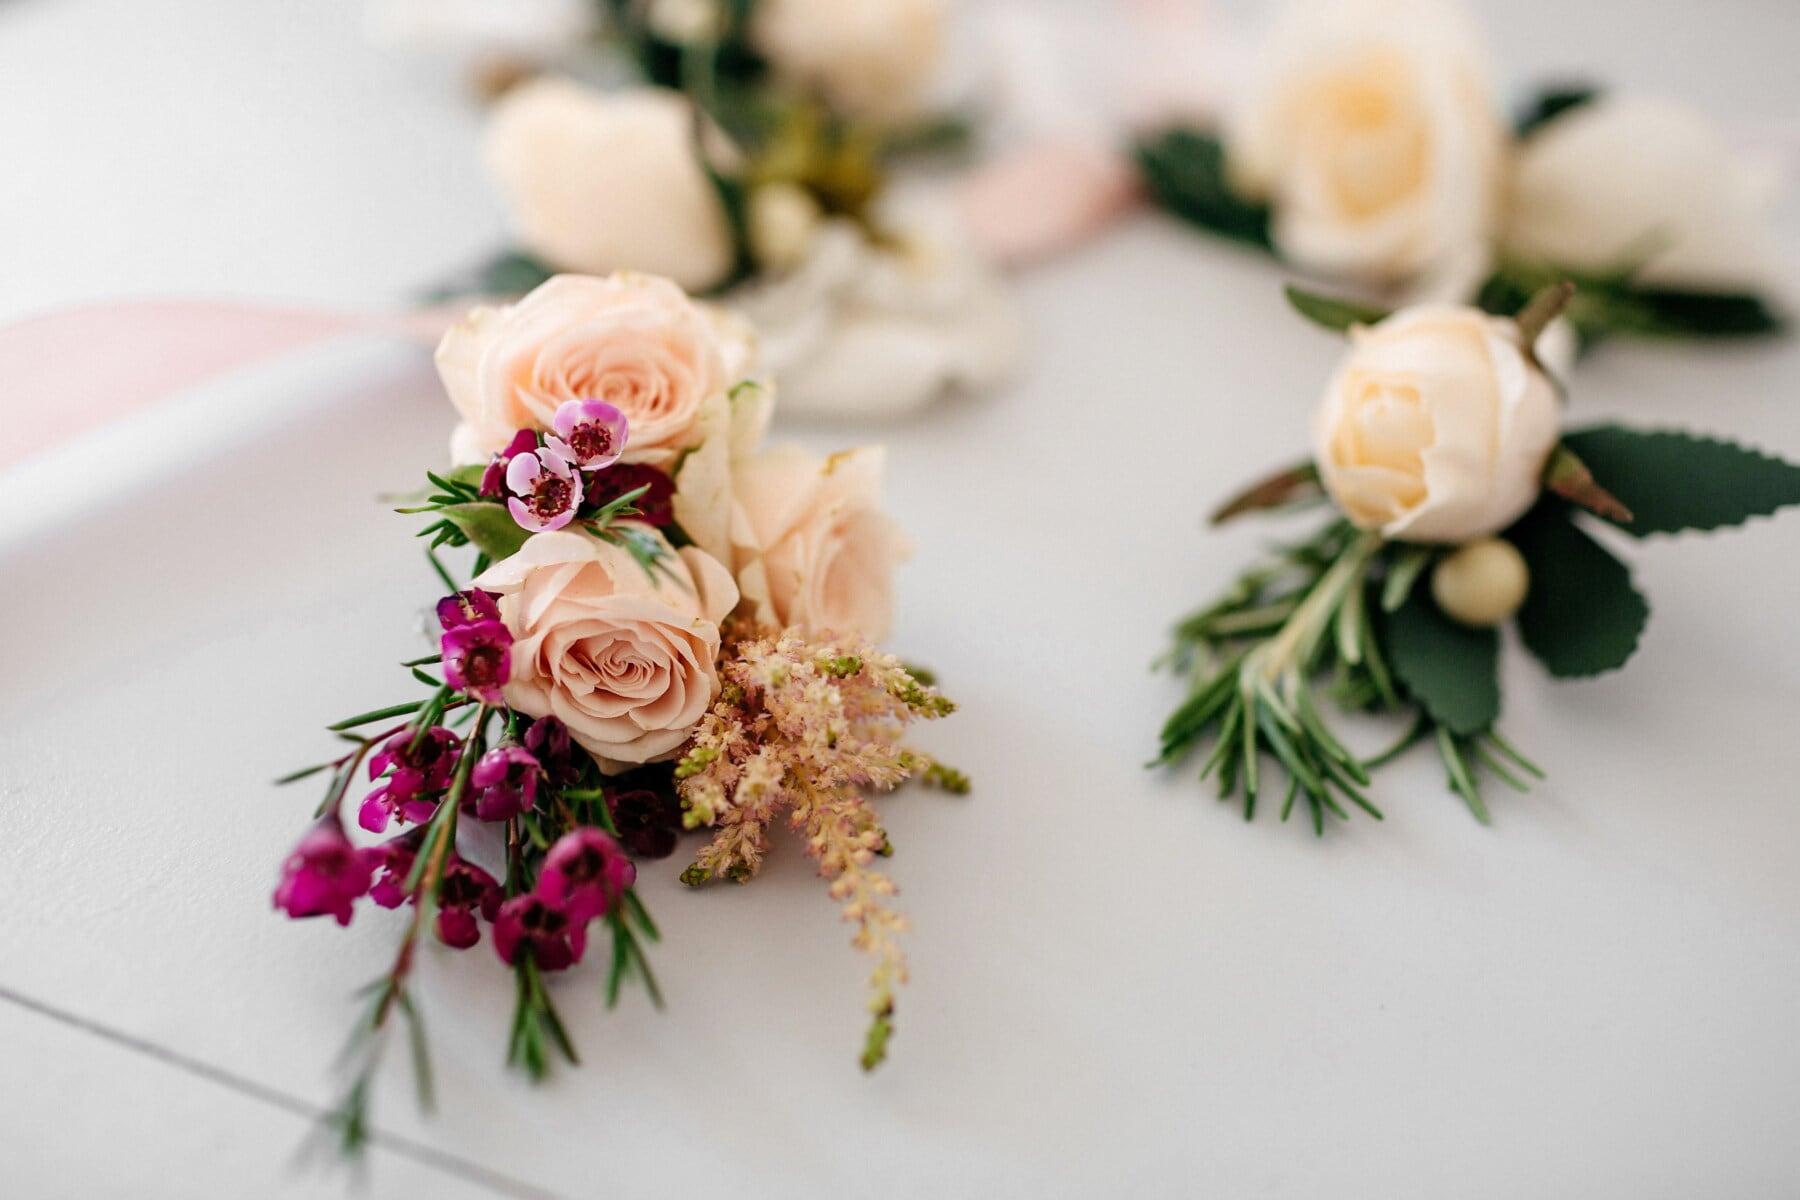 décoratifs, vintage, bouquet, amour, Rose, nature morte, fleur, décoration, romance, feuille